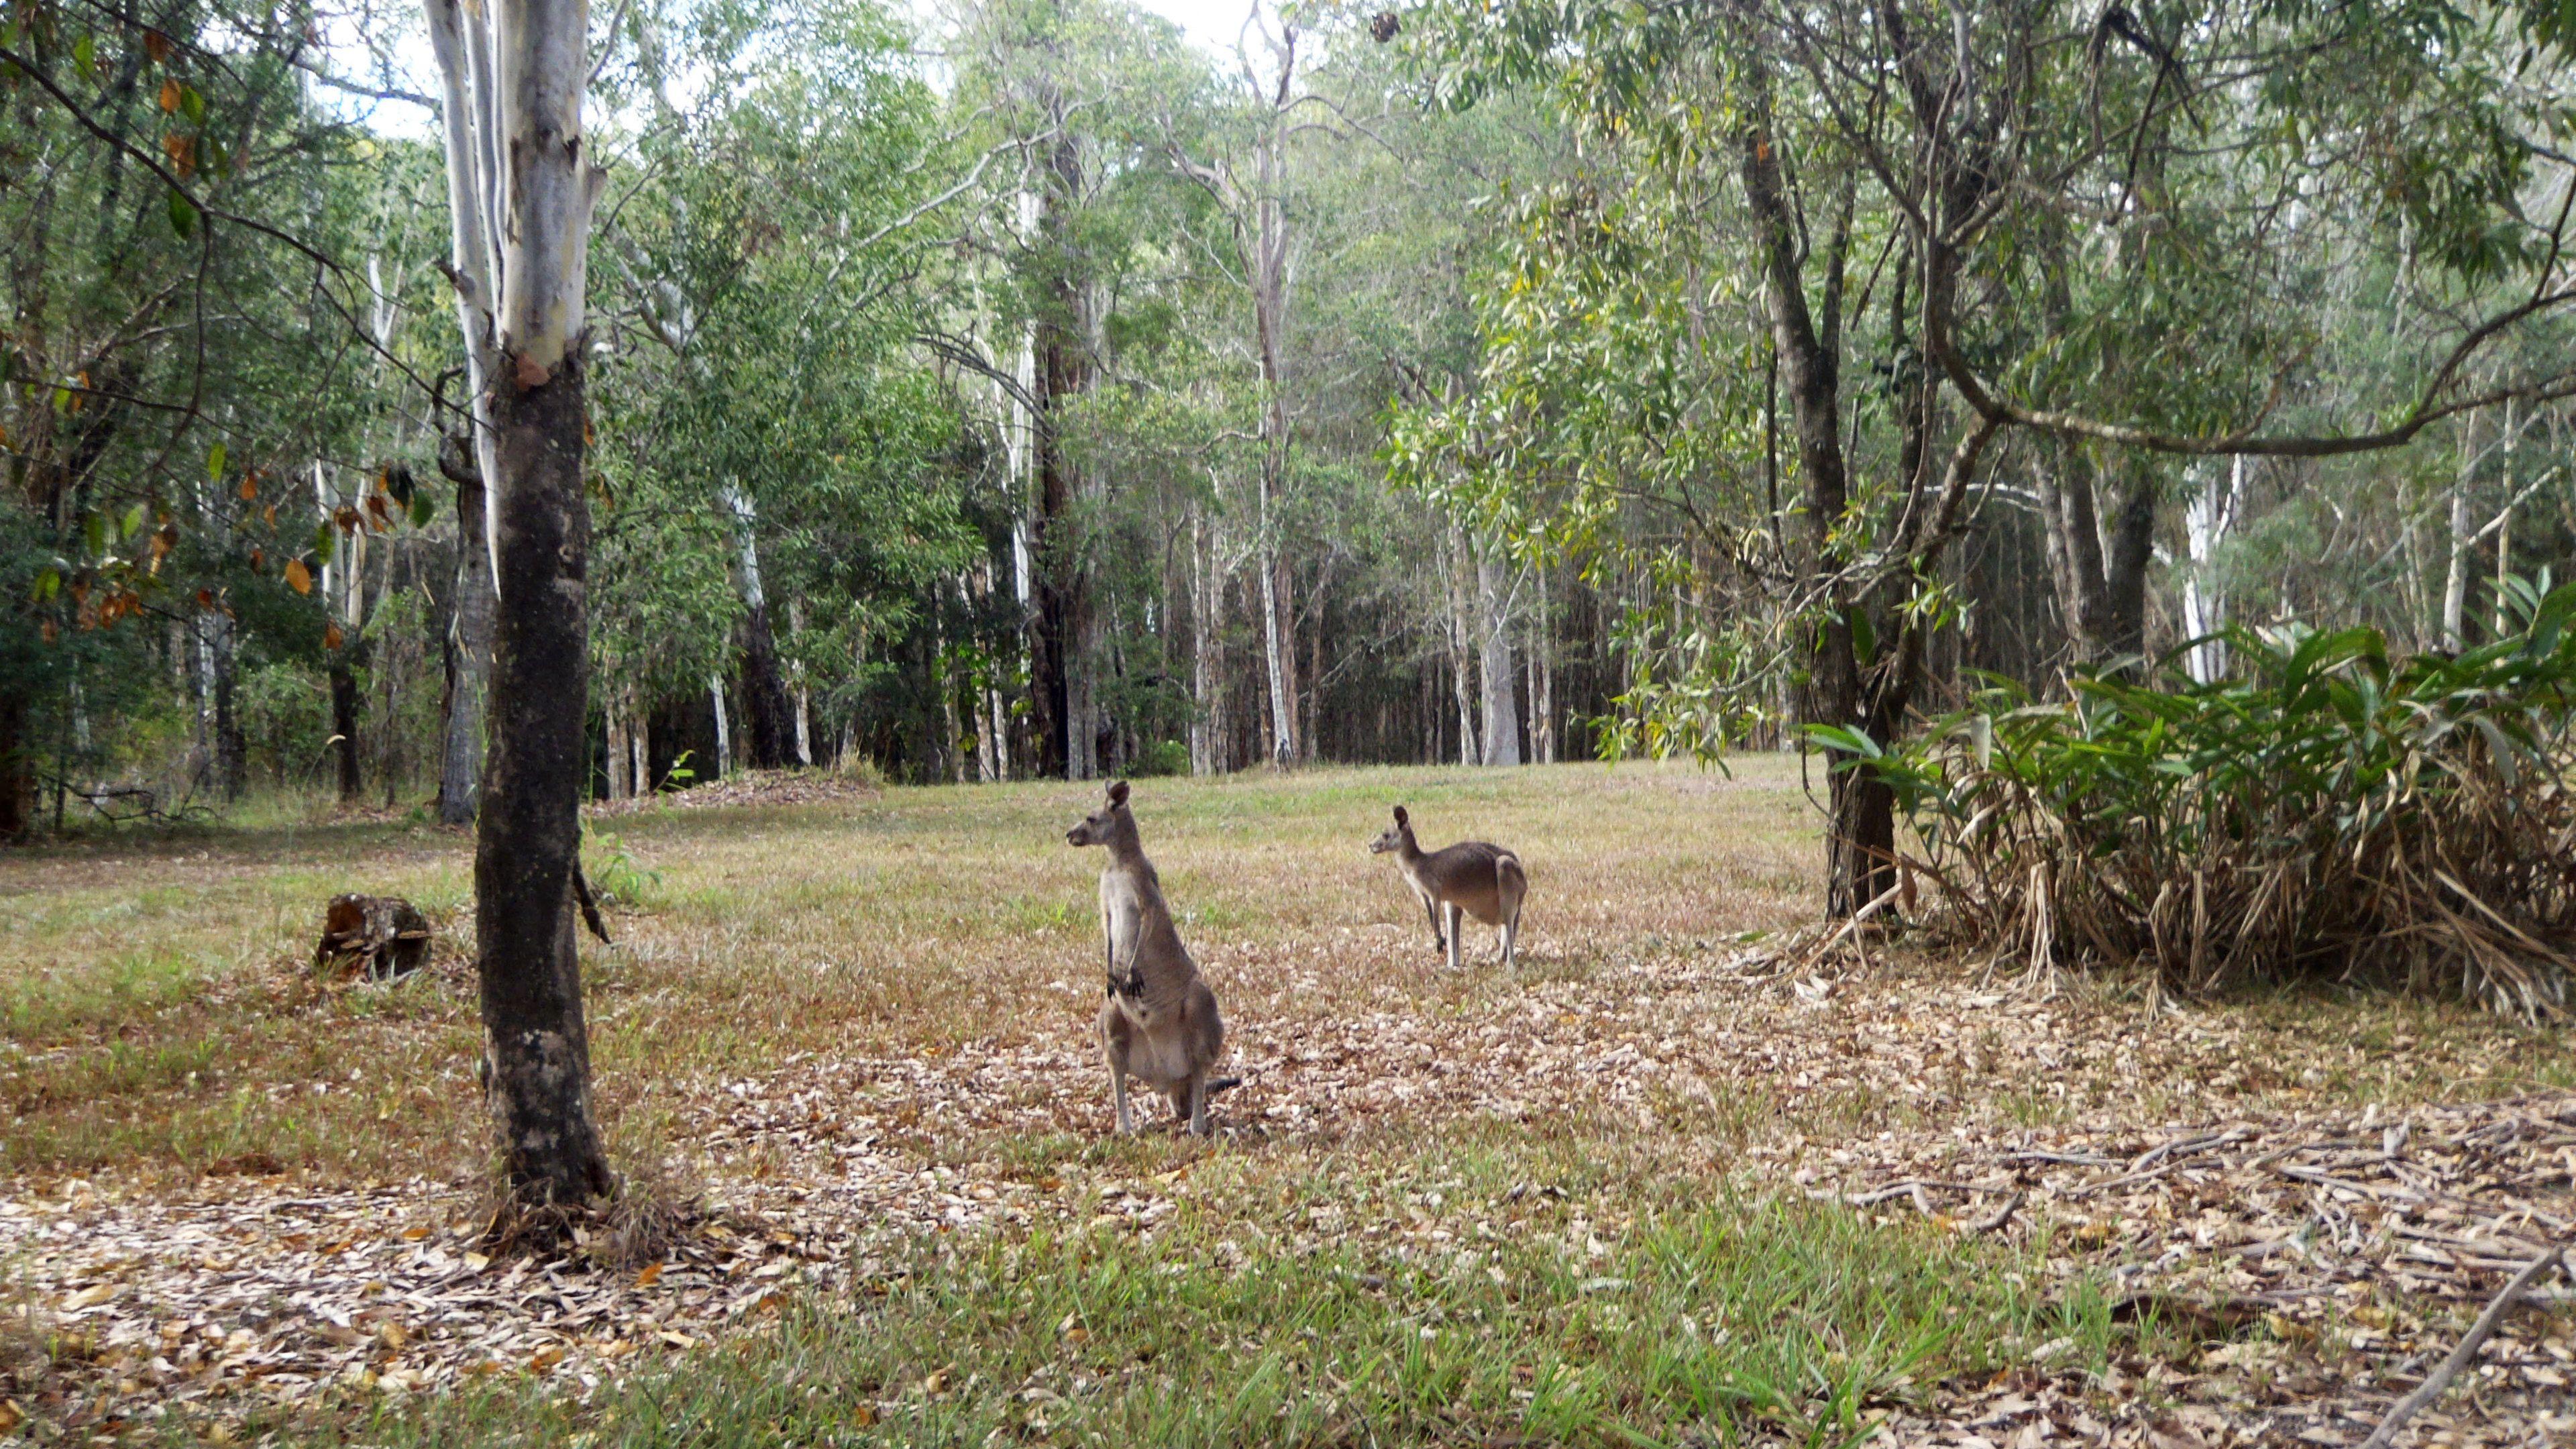 Kangaroos in a meadow in Australia